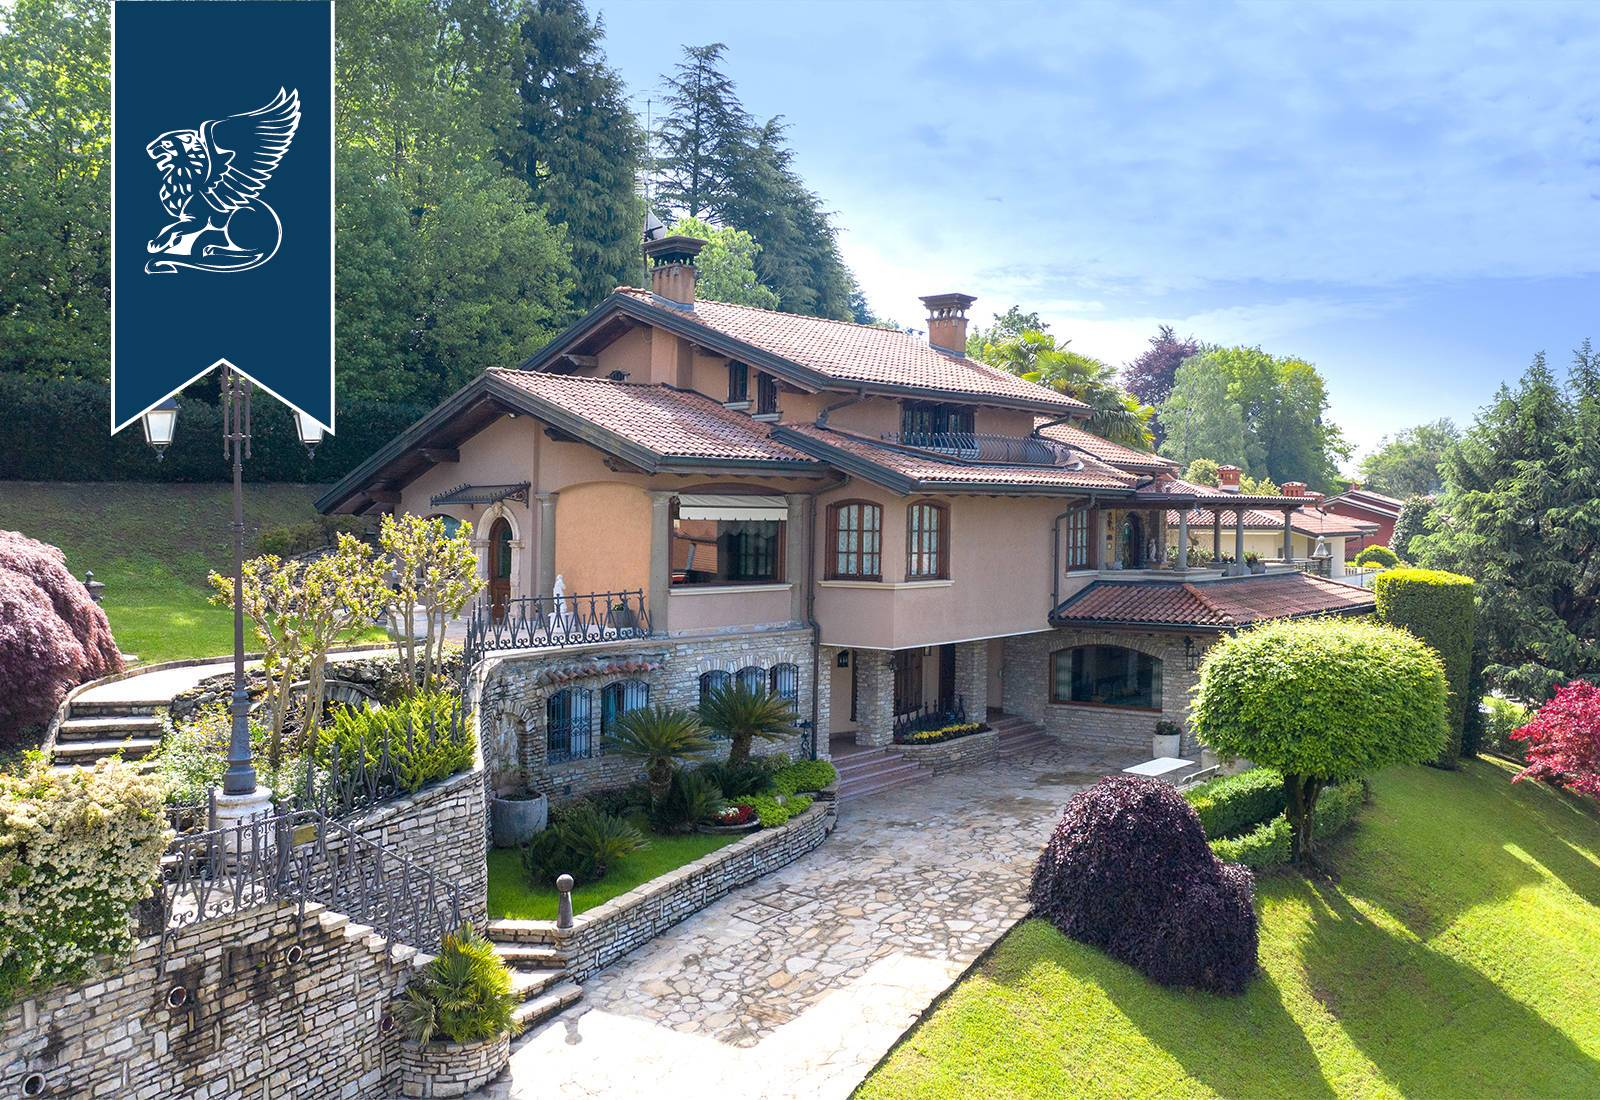 Villa in Vendita a Ponteranica: 0 locali, 590 mq - Foto 1